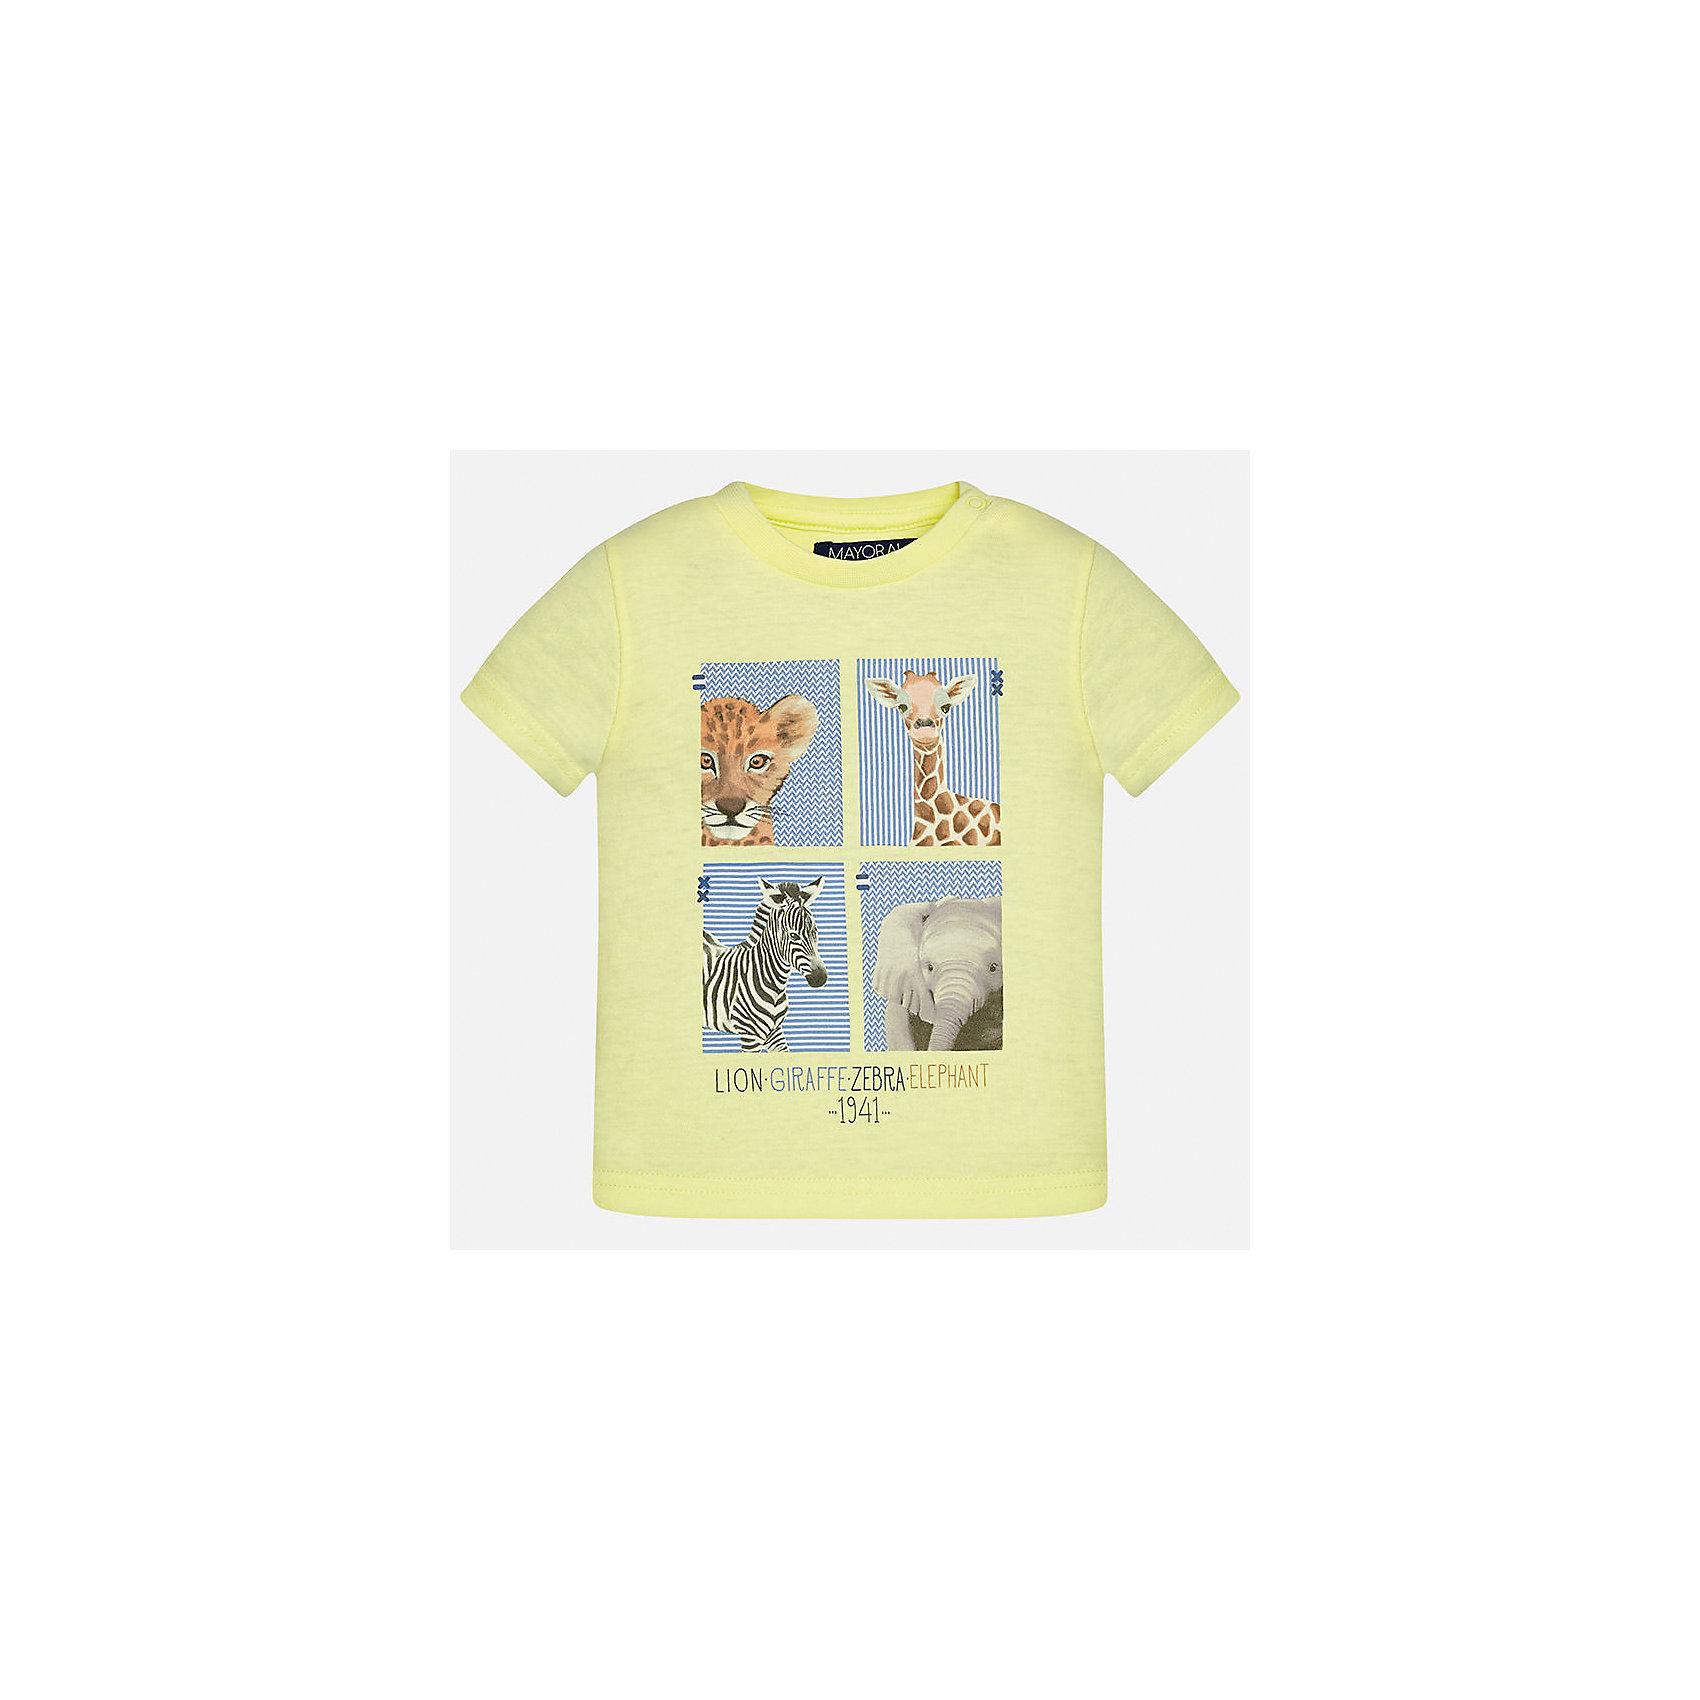 Футболка для мальчика MayoralФутболки, поло и топы<br>Характеристики товара:<br><br>• цвет: желтый<br>• состав: 100% хлопок<br>• круглый горловой вырез<br>• декорирована принтом<br>• короткие рукава<br>• мягкая отделка горловины<br>• страна бренда: Испания<br><br>Стильная удобная футболка с принтом поможет разнообразить гардероб мальчика. Она отлично сочетается с брюками, шортами, джинсами. Универсальный крой и цвет позволяет подобрать к вещи низ разных расцветок. Практичное и стильное изделие! Хорошо смотрится и комфортно сидит на детях. В составе материала - натуральный хлопок, гипоаллергенный, приятный на ощупь, дышащий. <br><br>Одежда, обувь и аксессуары от испанского бренда Mayoral полюбились детям и взрослым по всему миру. Модели этой марки - стильные и удобные. Для их производства используются только безопасные, качественные материалы и фурнитура. Порадуйте ребенка модными и красивыми вещами от Mayoral! <br><br>Футболку для мальчика от испанского бренда Mayoral (Майорал) можно купить в нашем интернет-магазине.<br><br>Ширина мм: 199<br>Глубина мм: 10<br>Высота мм: 161<br>Вес г: 151<br>Цвет: оранжевый<br>Возраст от месяцев: 18<br>Возраст до месяцев: 24<br>Пол: Мужской<br>Возраст: Детский<br>Размер: 92,86,80<br>SKU: 5278429